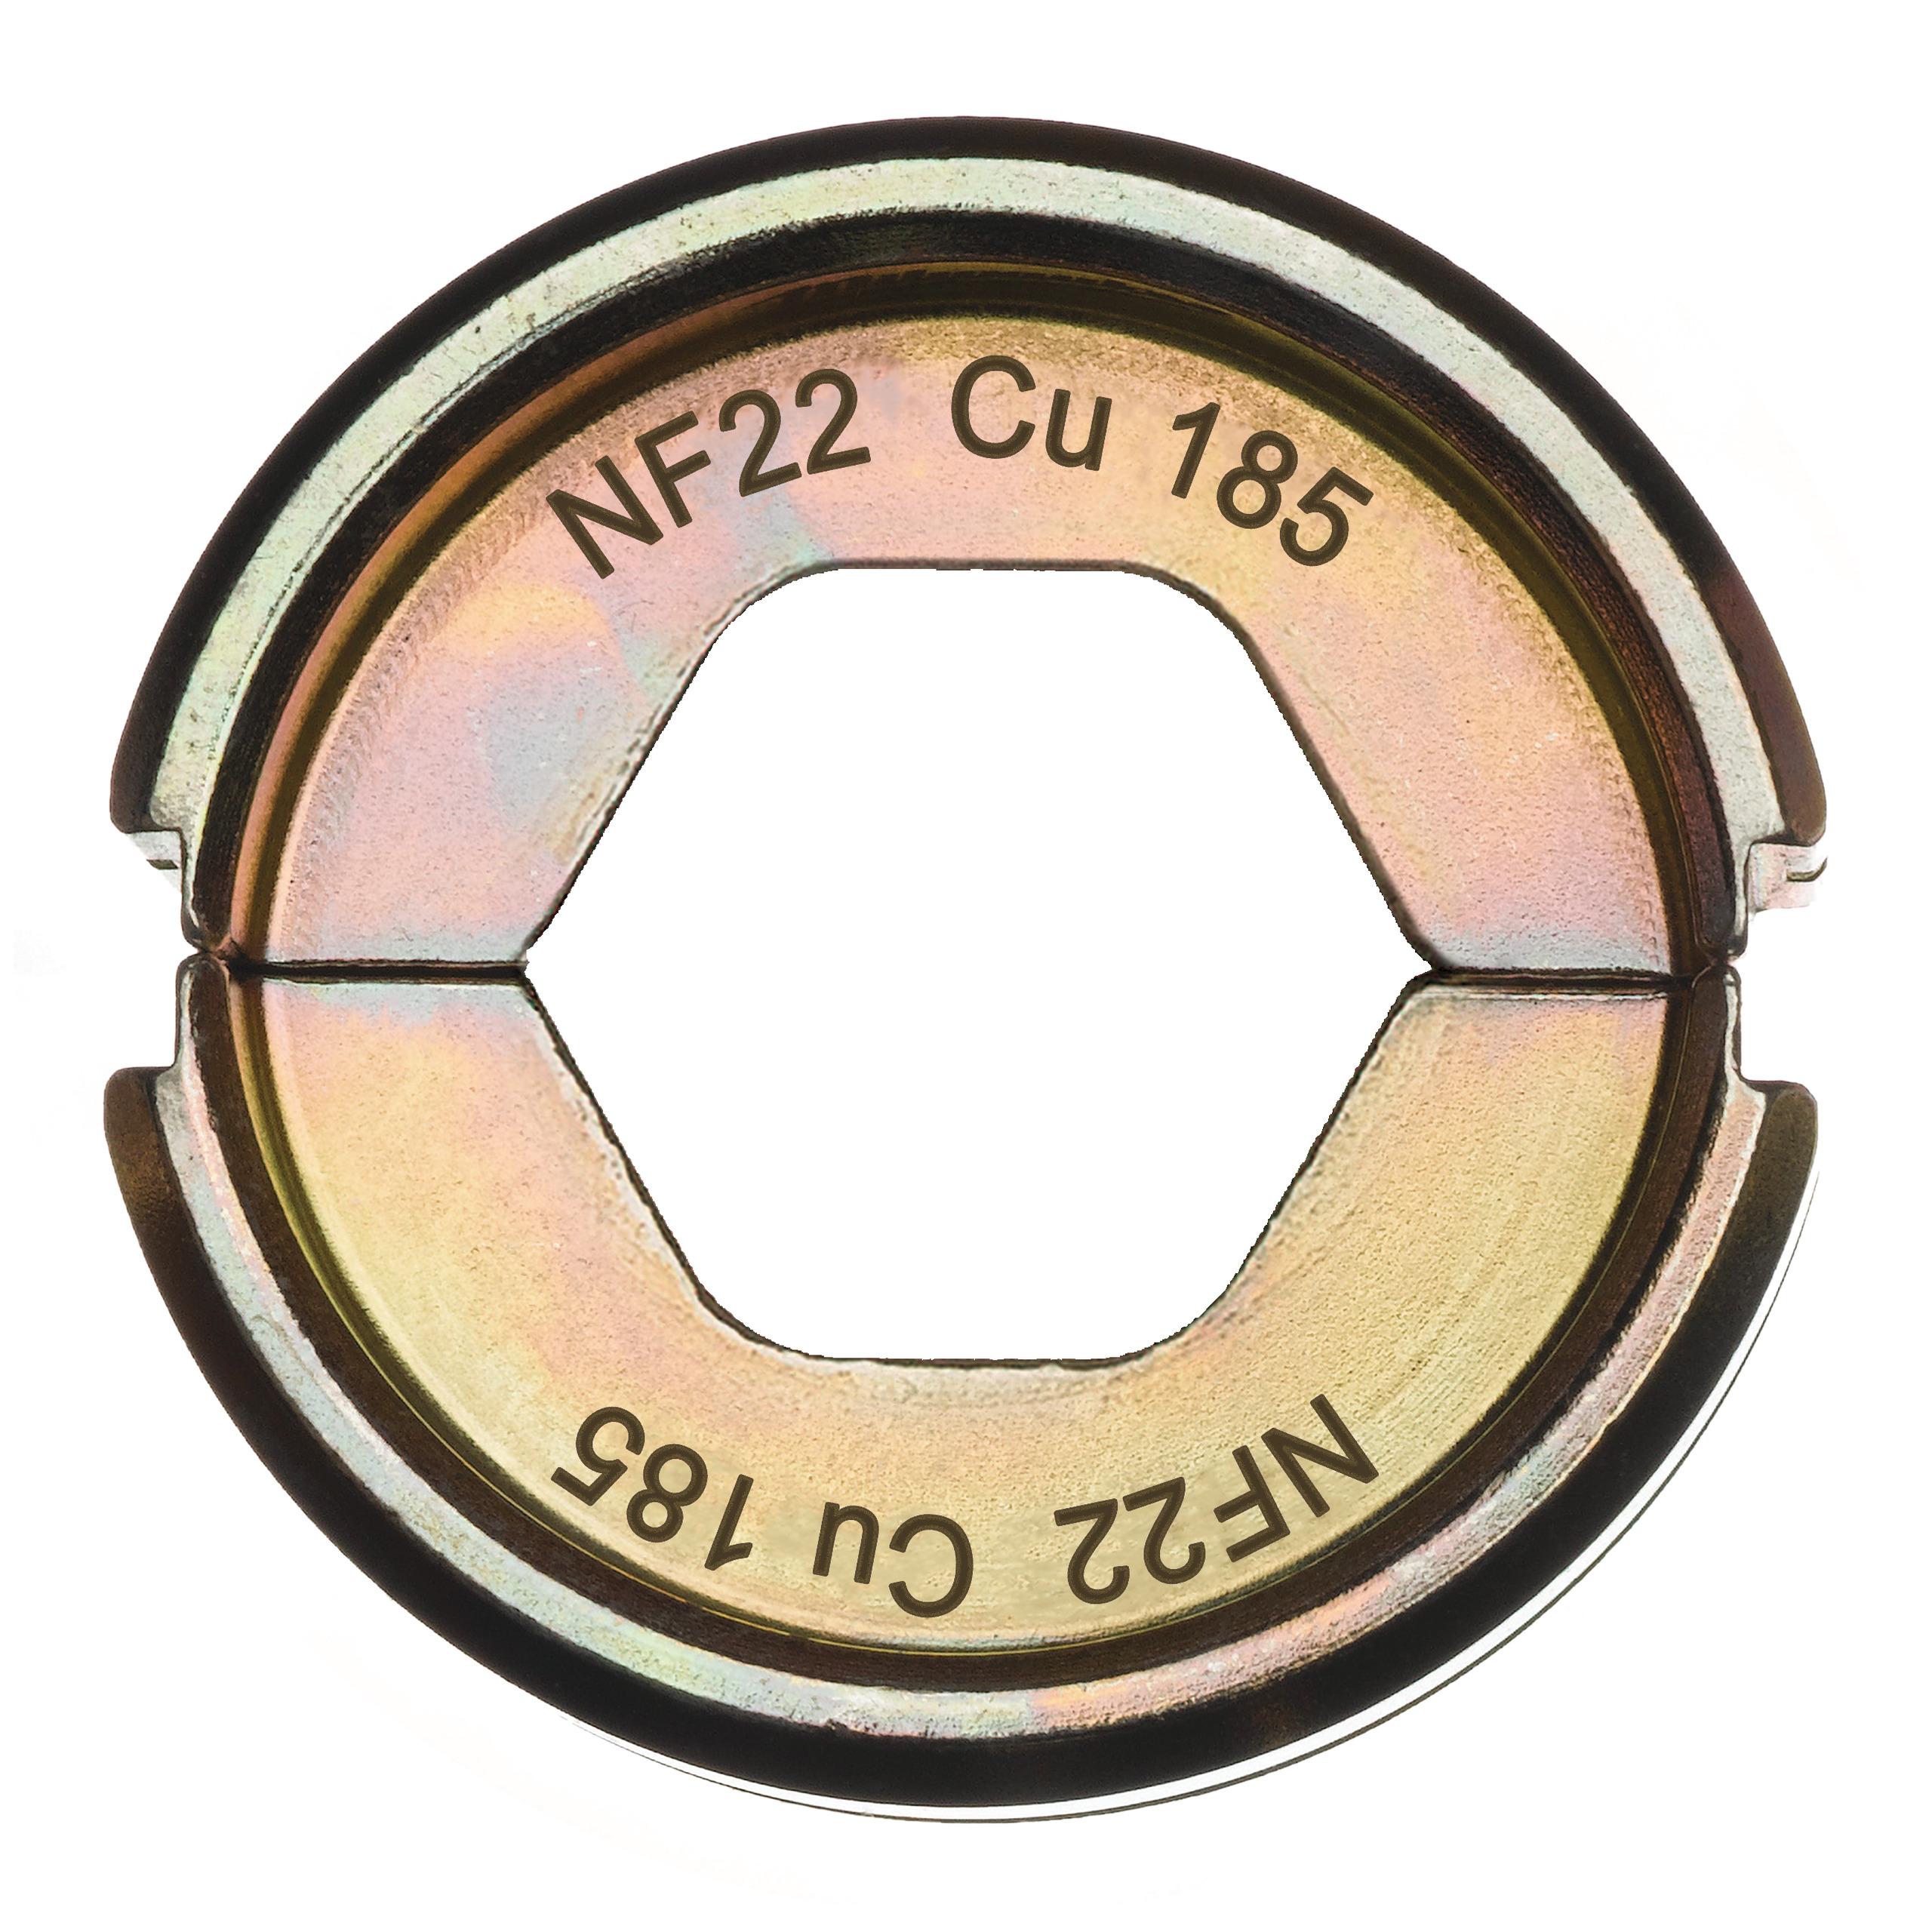 Krimpovací čelisti  NF22 Cu 185